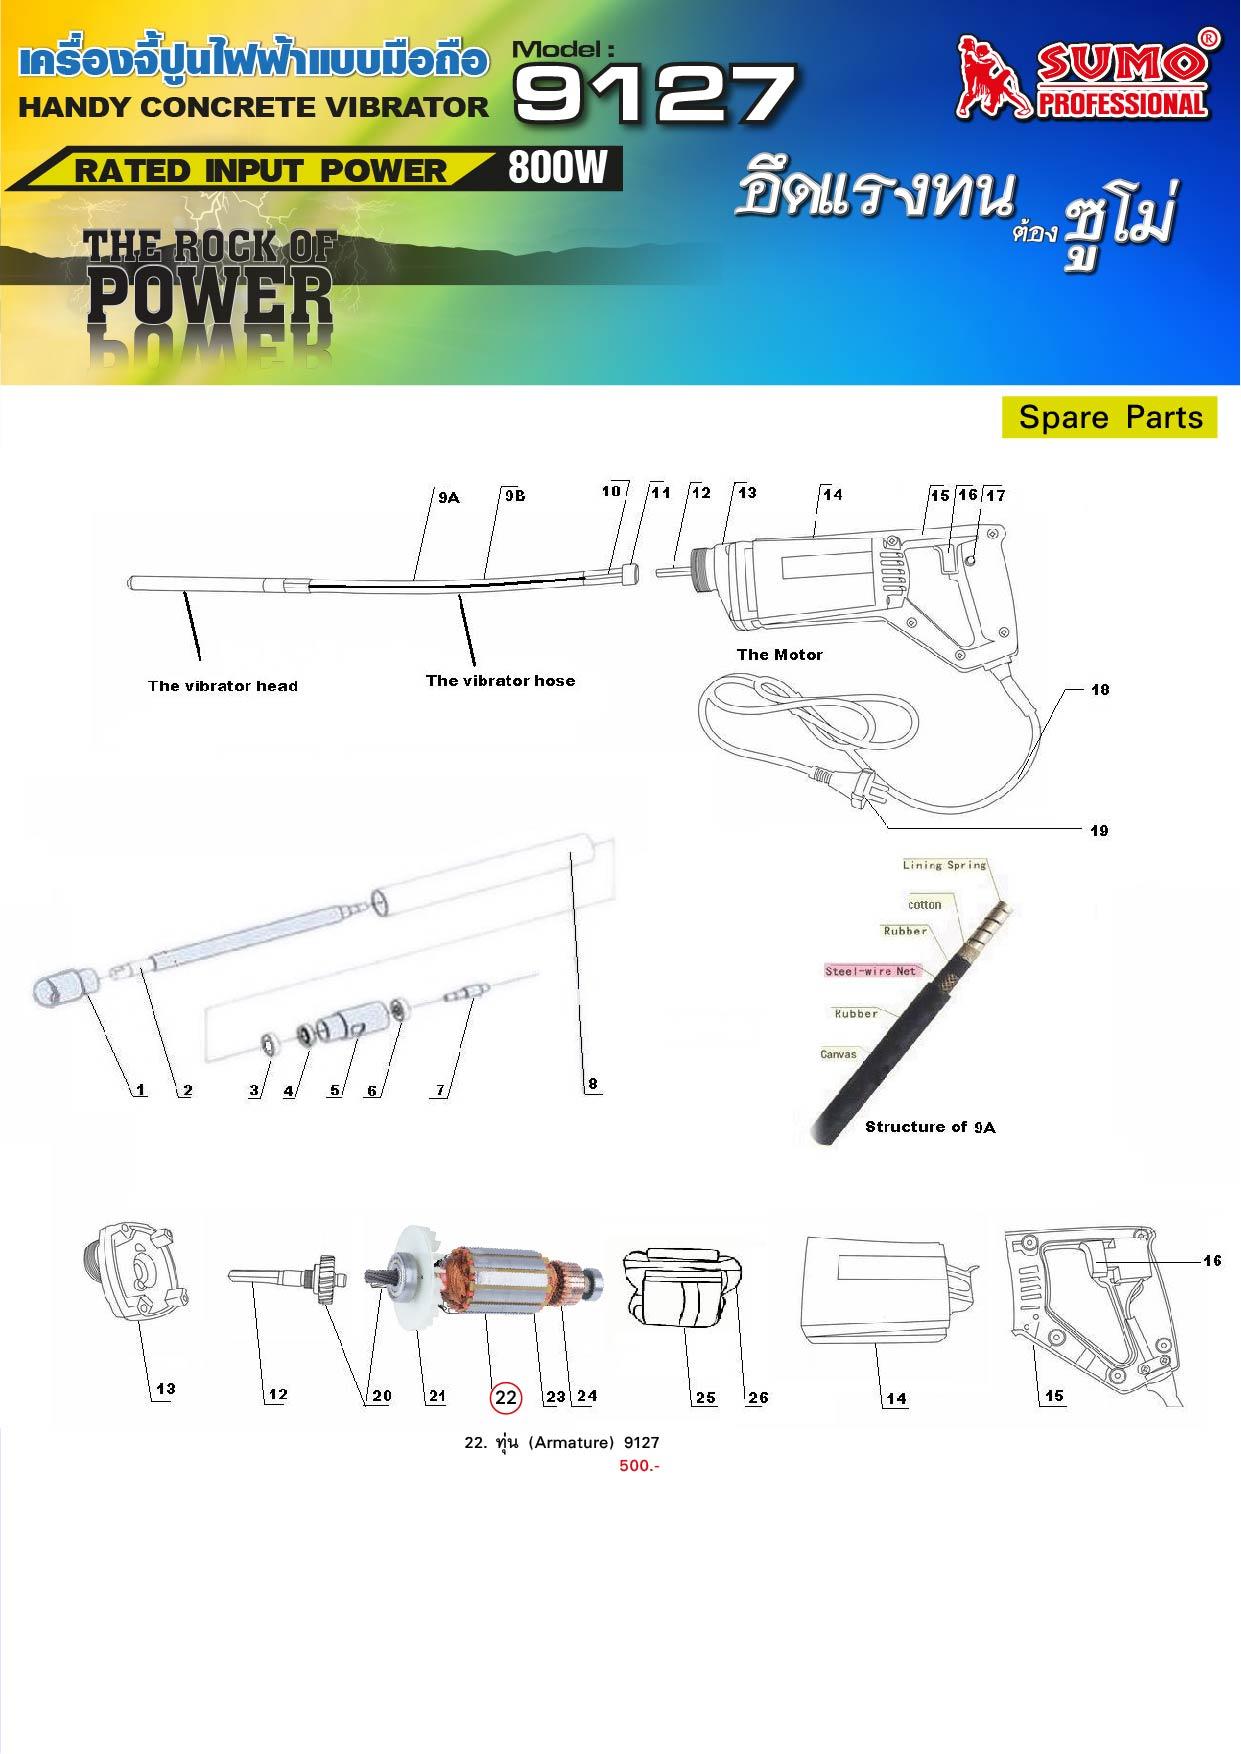 (2/9) เครื่องจี้ปูนไฟฟ้า 9127